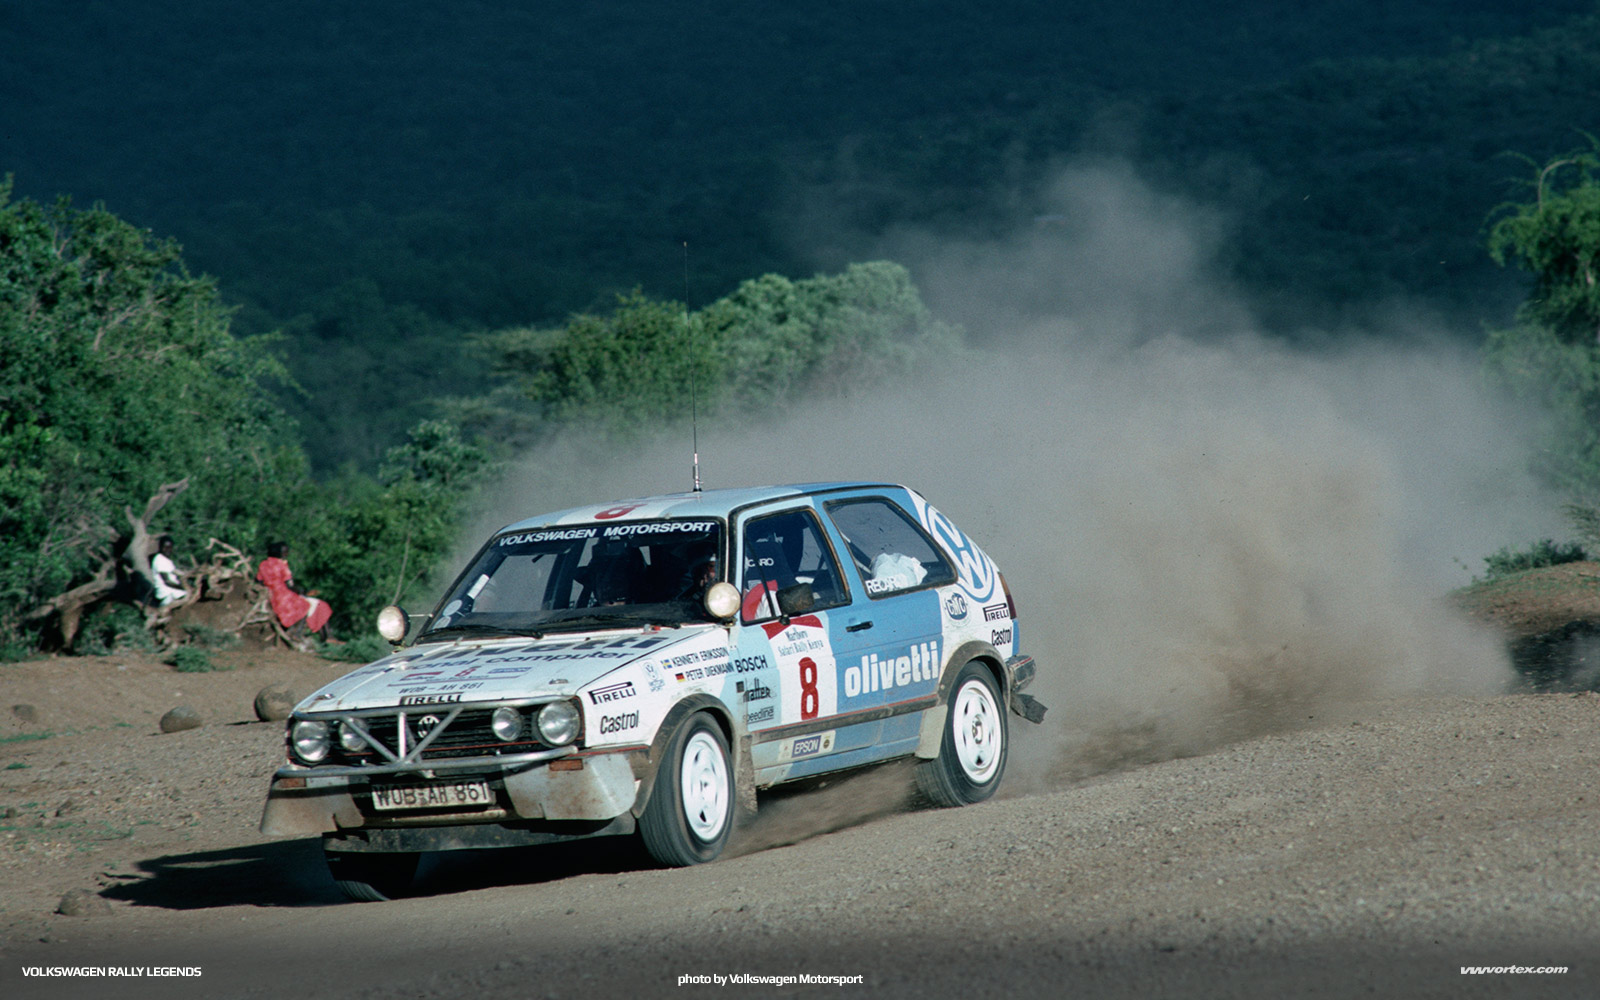 volkswagen-rally-legends-400